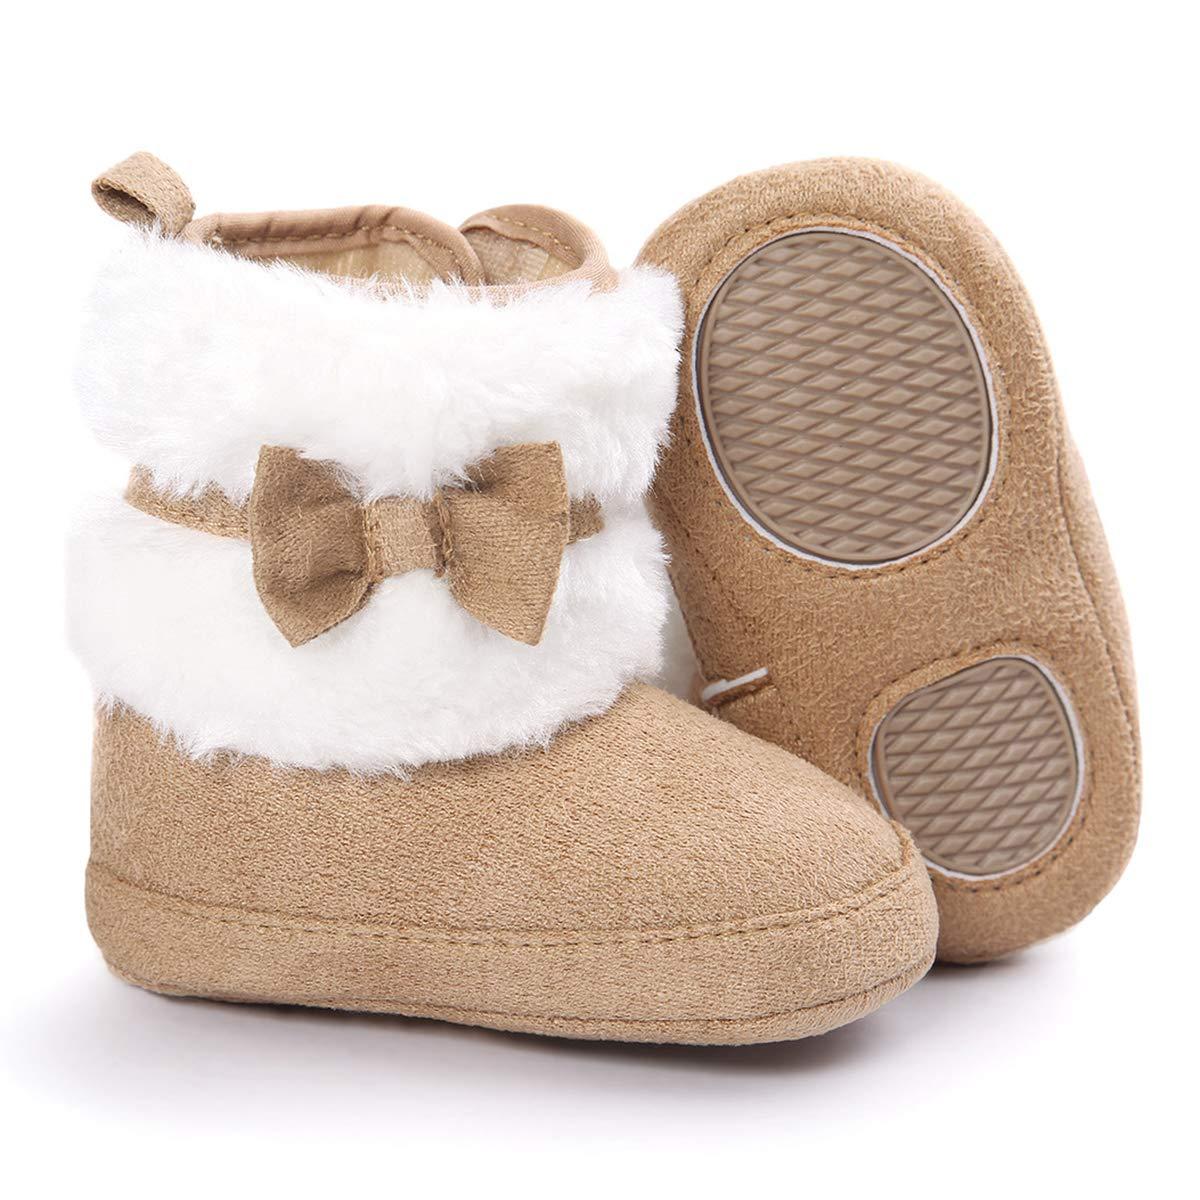 BubleColor Baby Premium Soft Sole Bow Anti-Slip Warm Winter Infant Prewalker Toddler Snow Boots (M:6-12 Months/4.72'', Khaki)